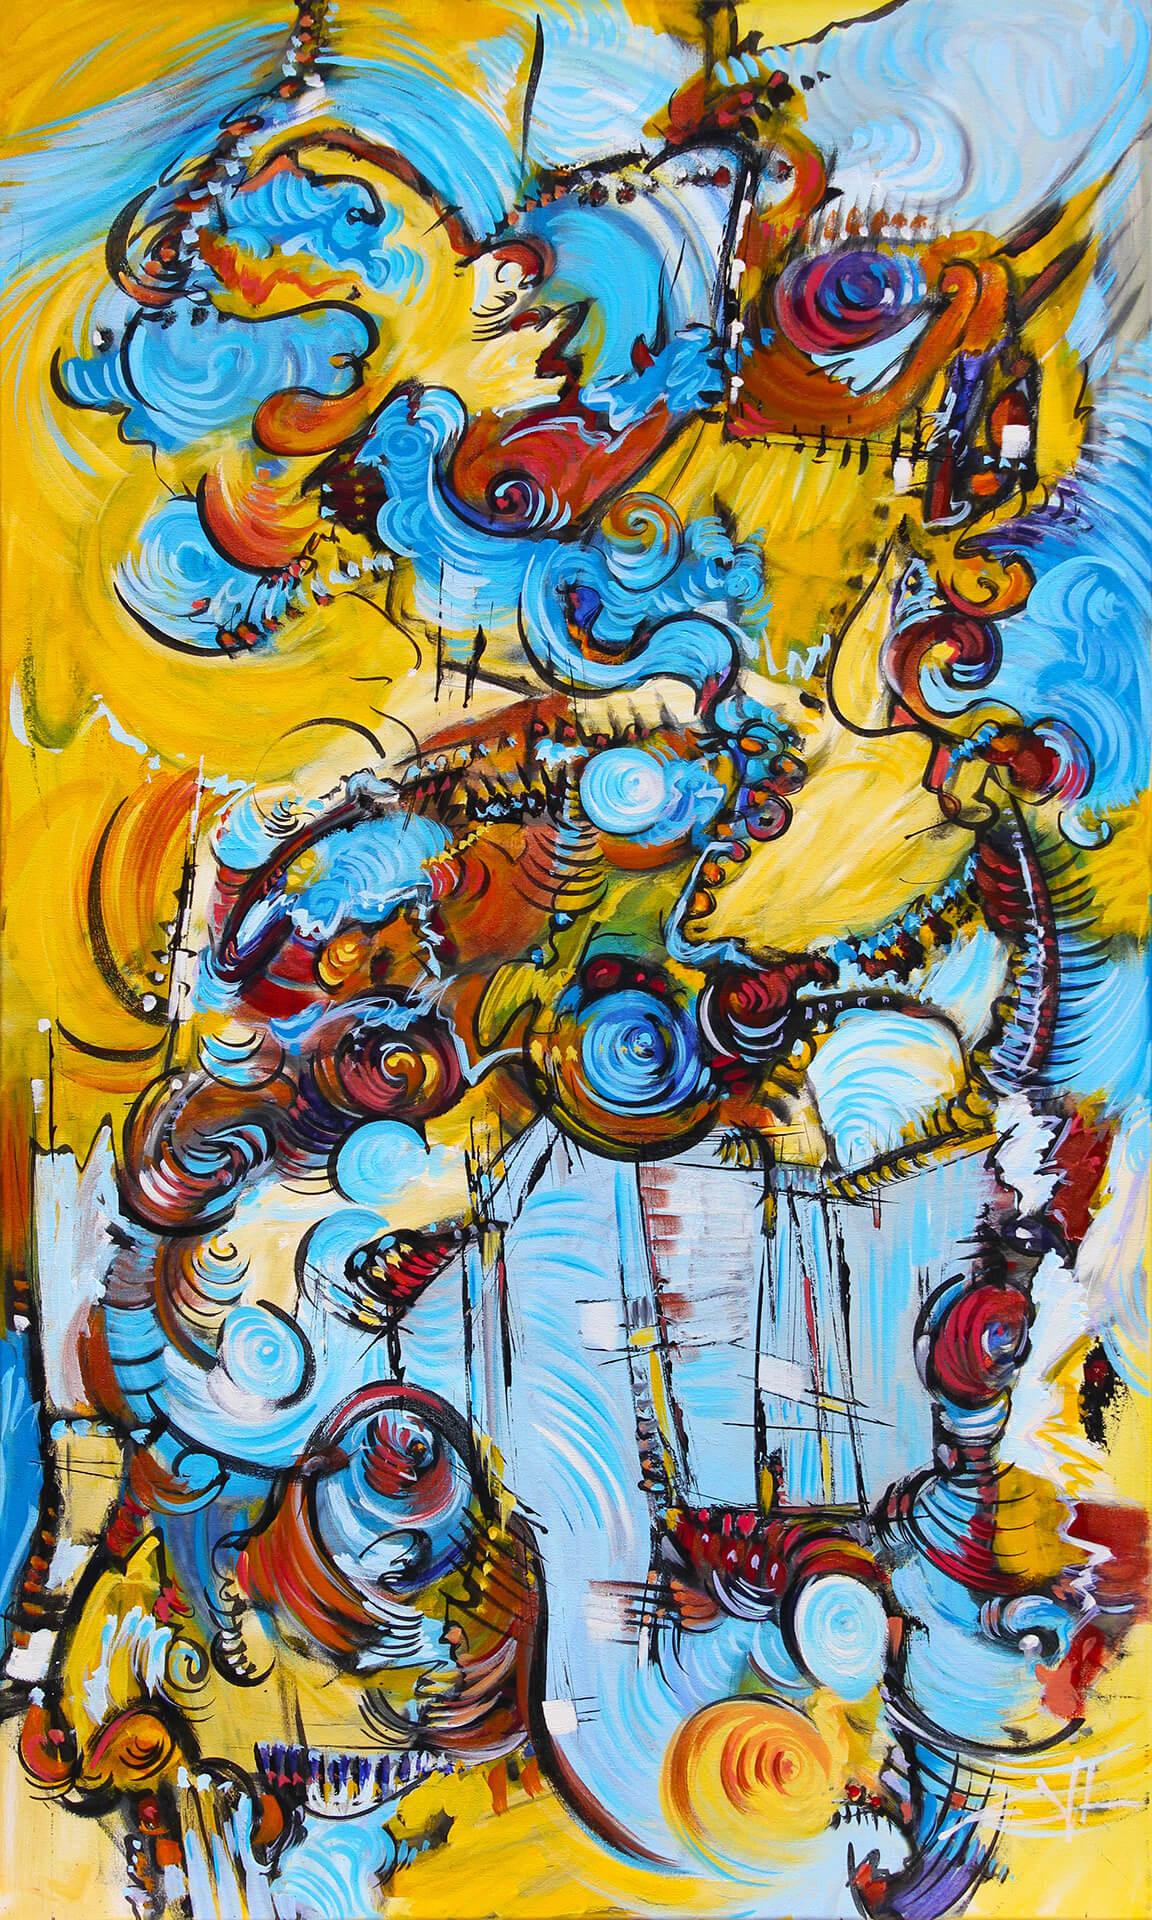 art-eric-j-hughes-artiste-peintre-canadien-tableau-delirium-malgre-les-osbtacles-l-eau-retrouve-toujours-son-chemin